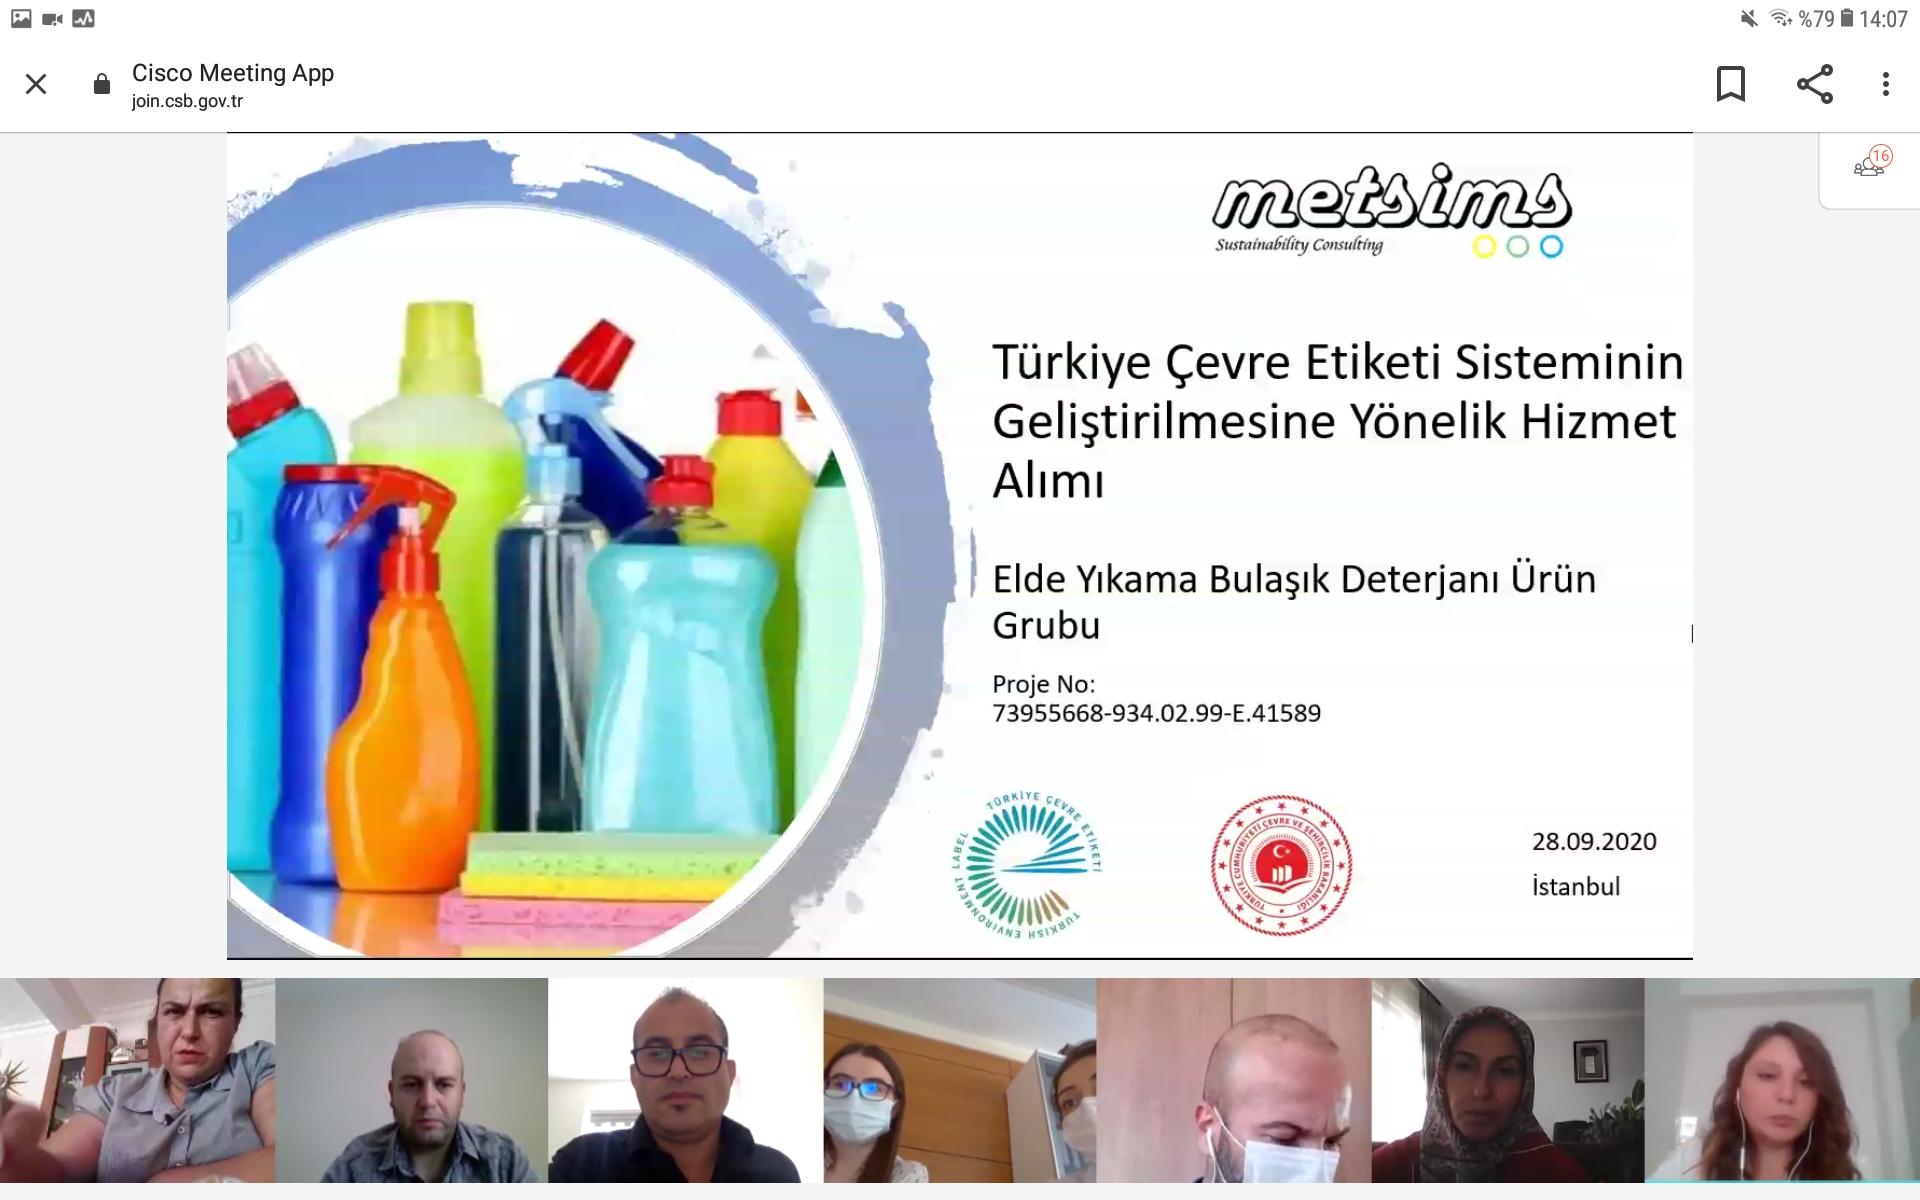 Elde Yıkama Bulaşık Deterjanı Ürün Grubu Çevre Etiketi Kriterlerinin Hazırlanmasına Yönelik Teknik İnceleme Komisyonu Toplantısı Gerçekleştirildi.